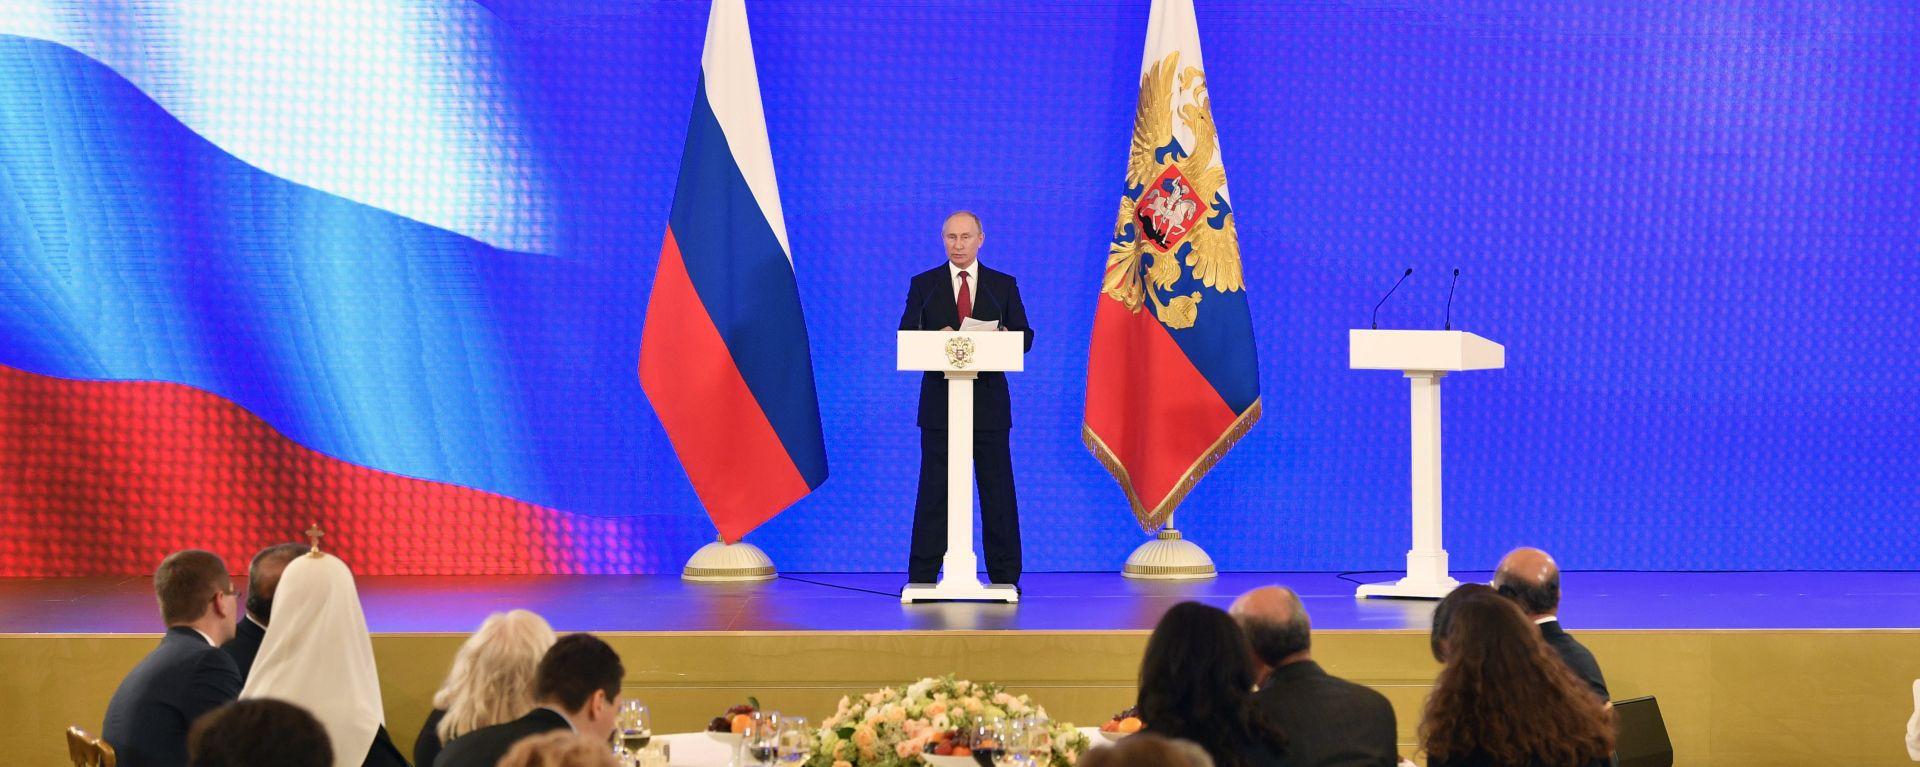 Putin veliča domoljublje u povodu Dana nacionalnog jedinstva